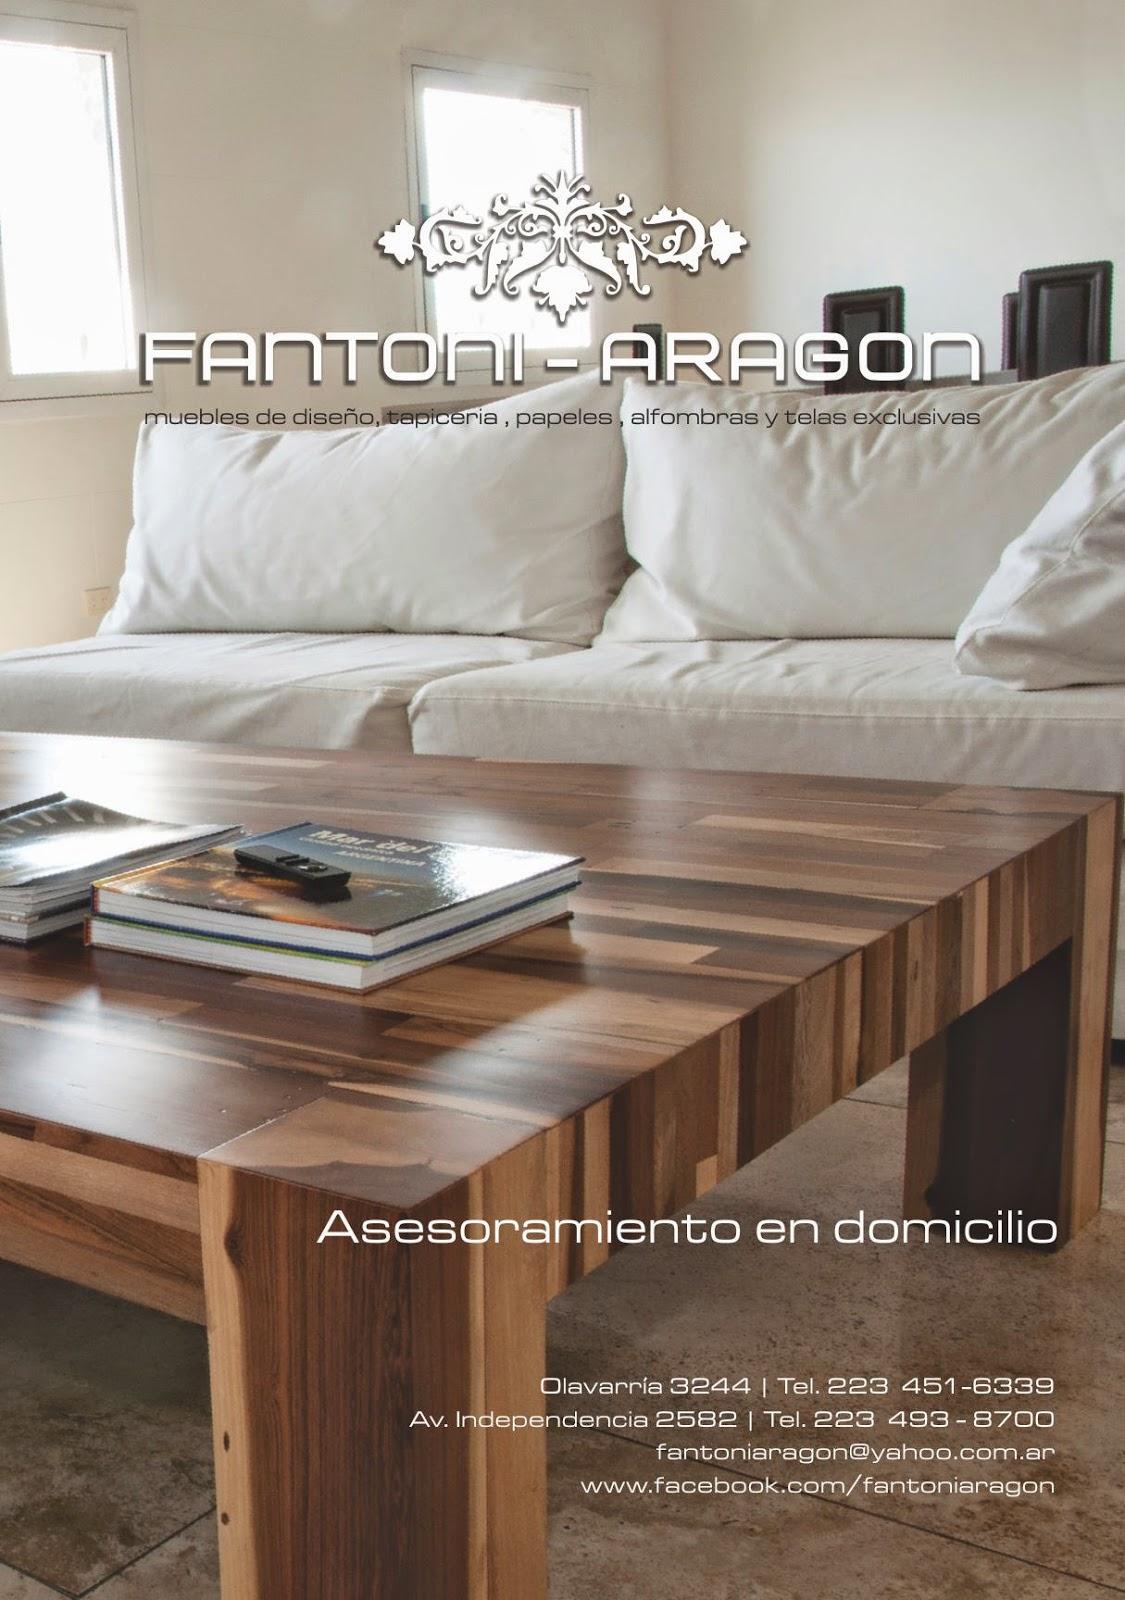 Muebles Fantoni Mar Del Plata - Silvina Parma[mjhdah]https://i.pinimg.com/originals/0d/3d/fe/0d3dfe19cdaf2c20c40896cb71c8e579.jpg